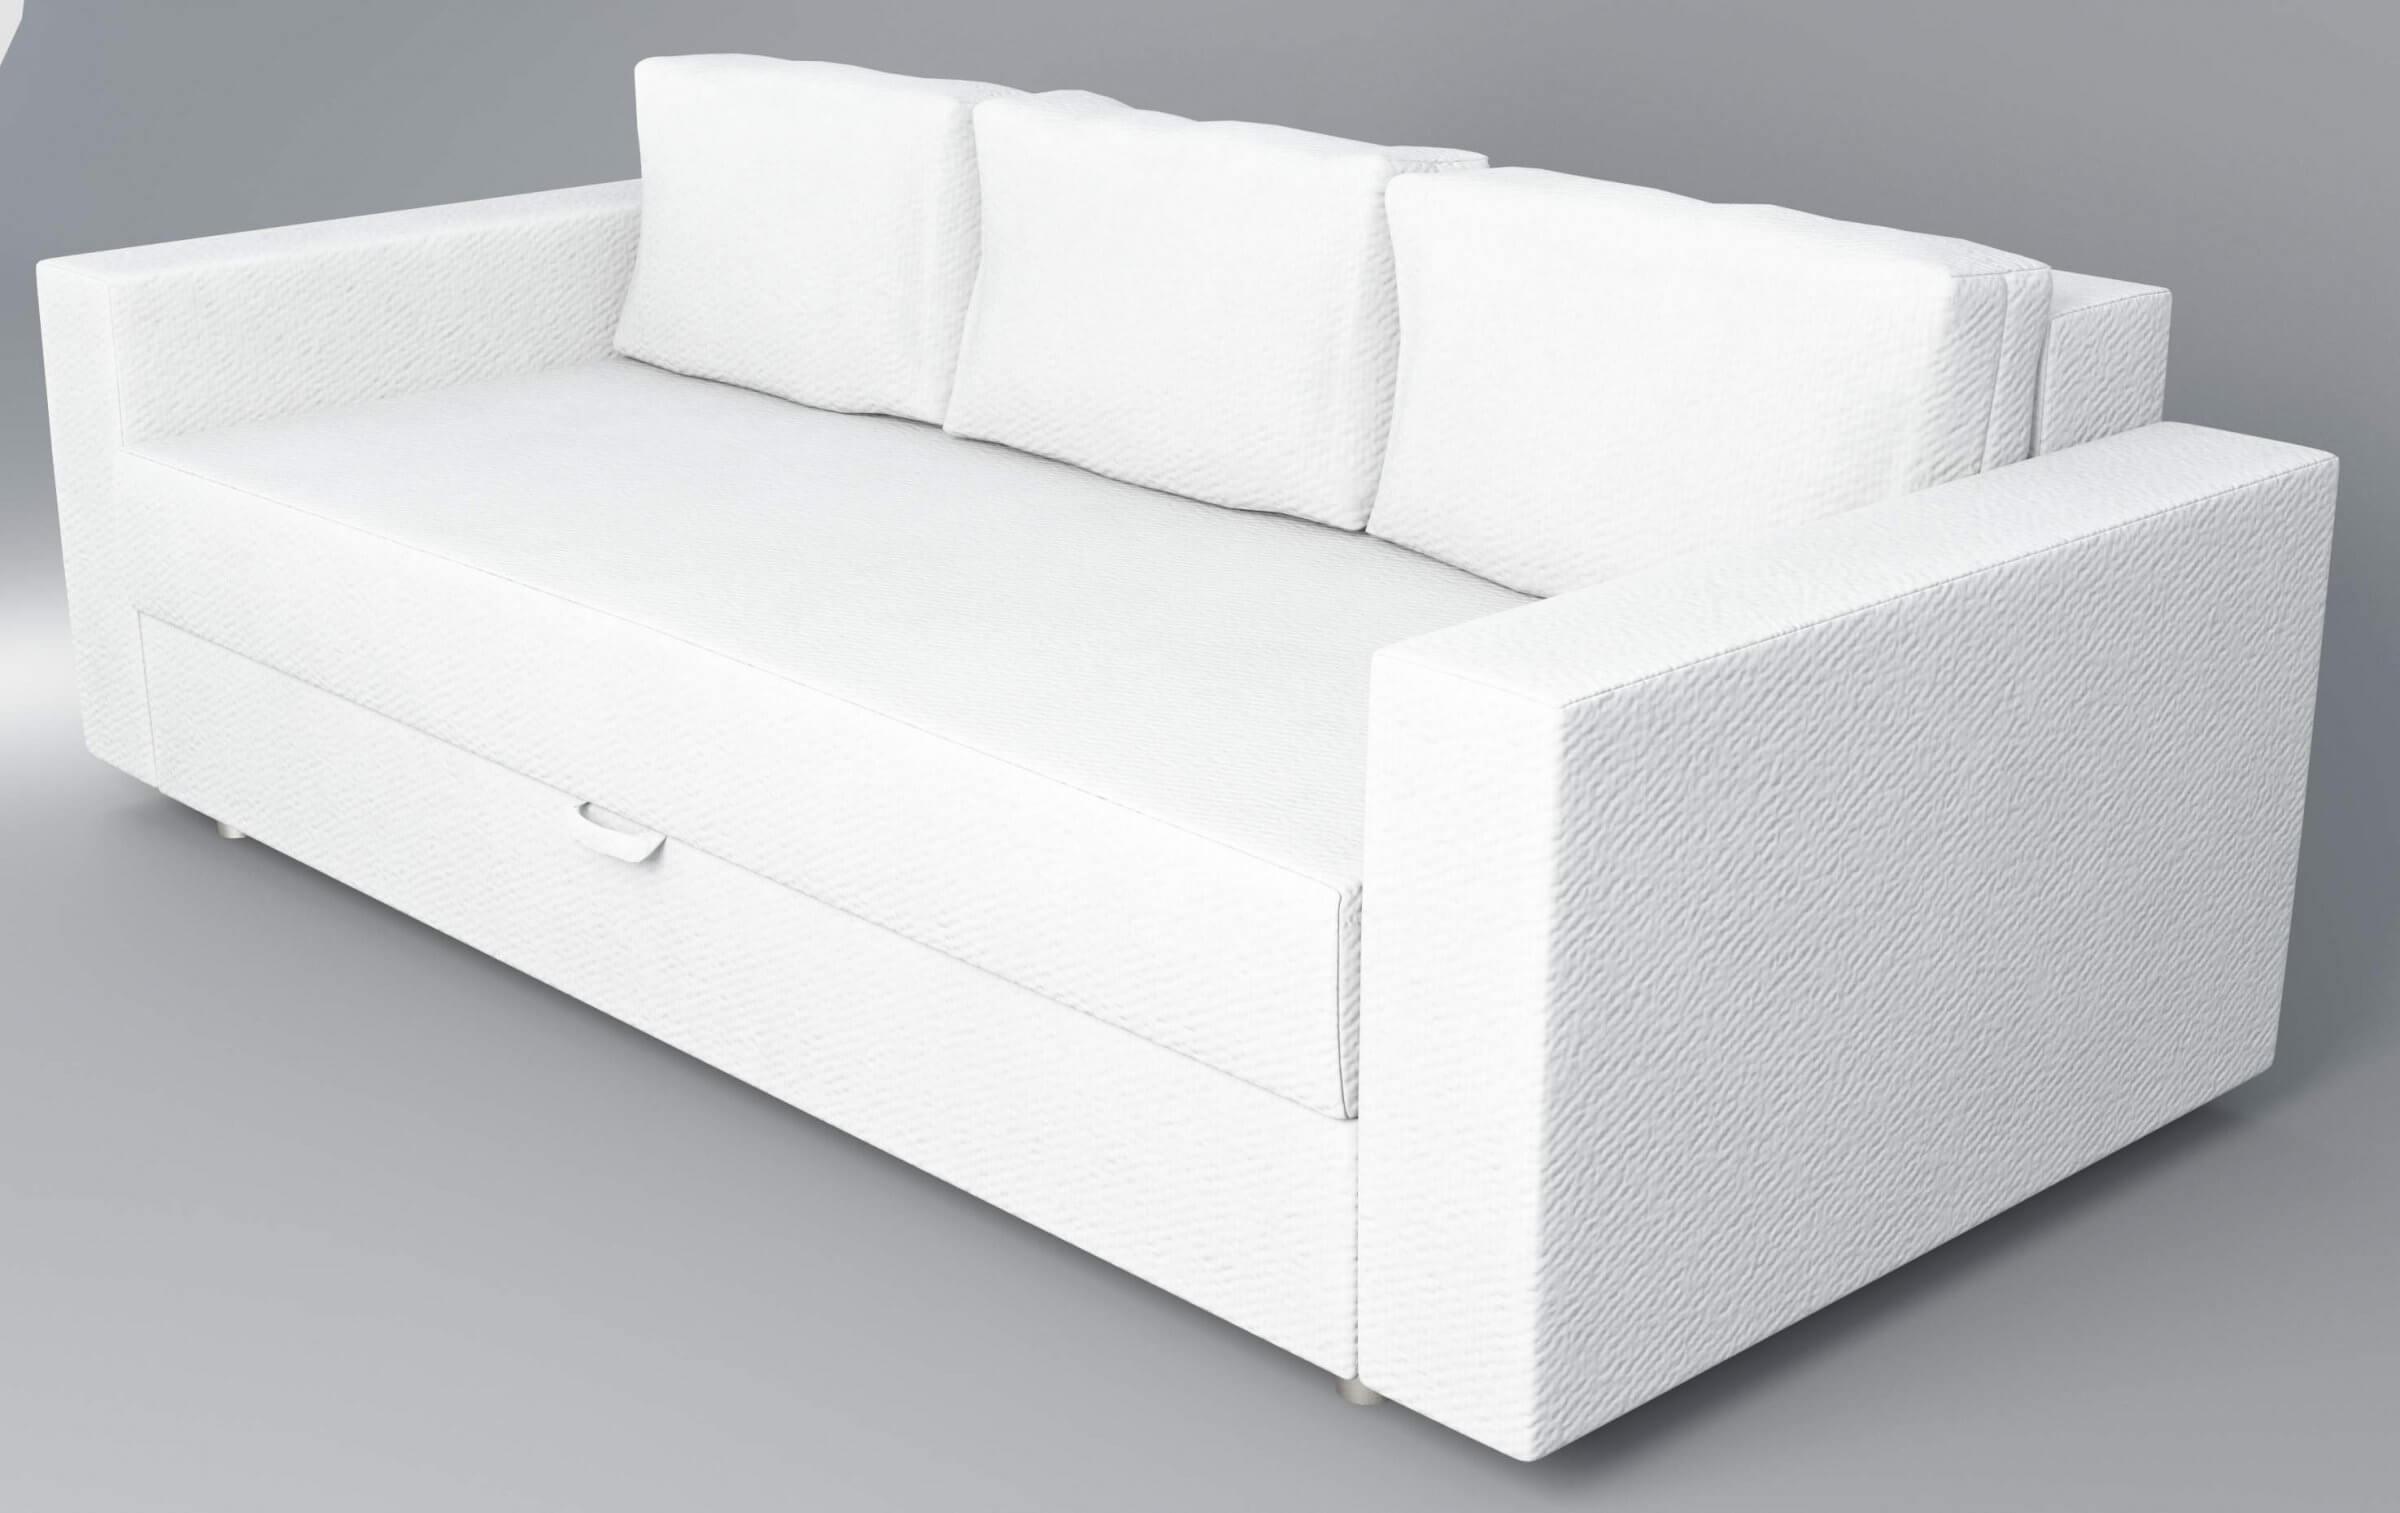 Ikea Friheten Sofa Bed 3d Model